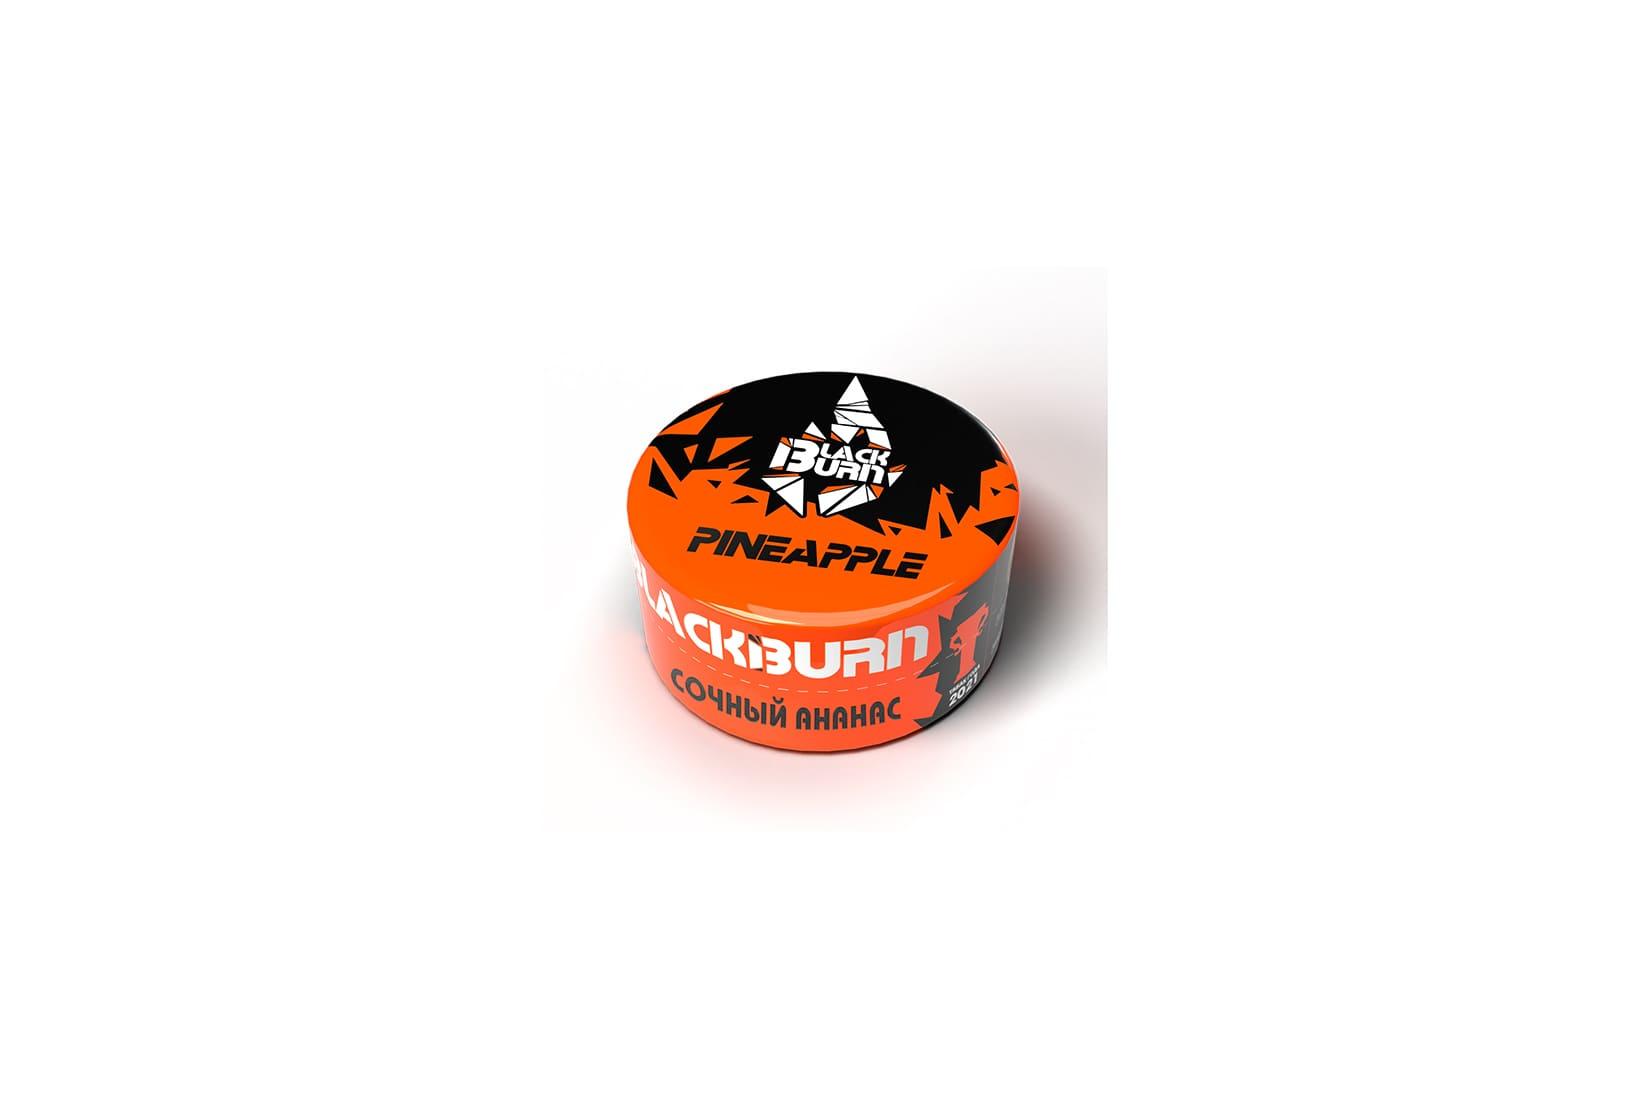 Табак для кальяна Black Burn PINEAPPLE  – описание, миксы, отзывы